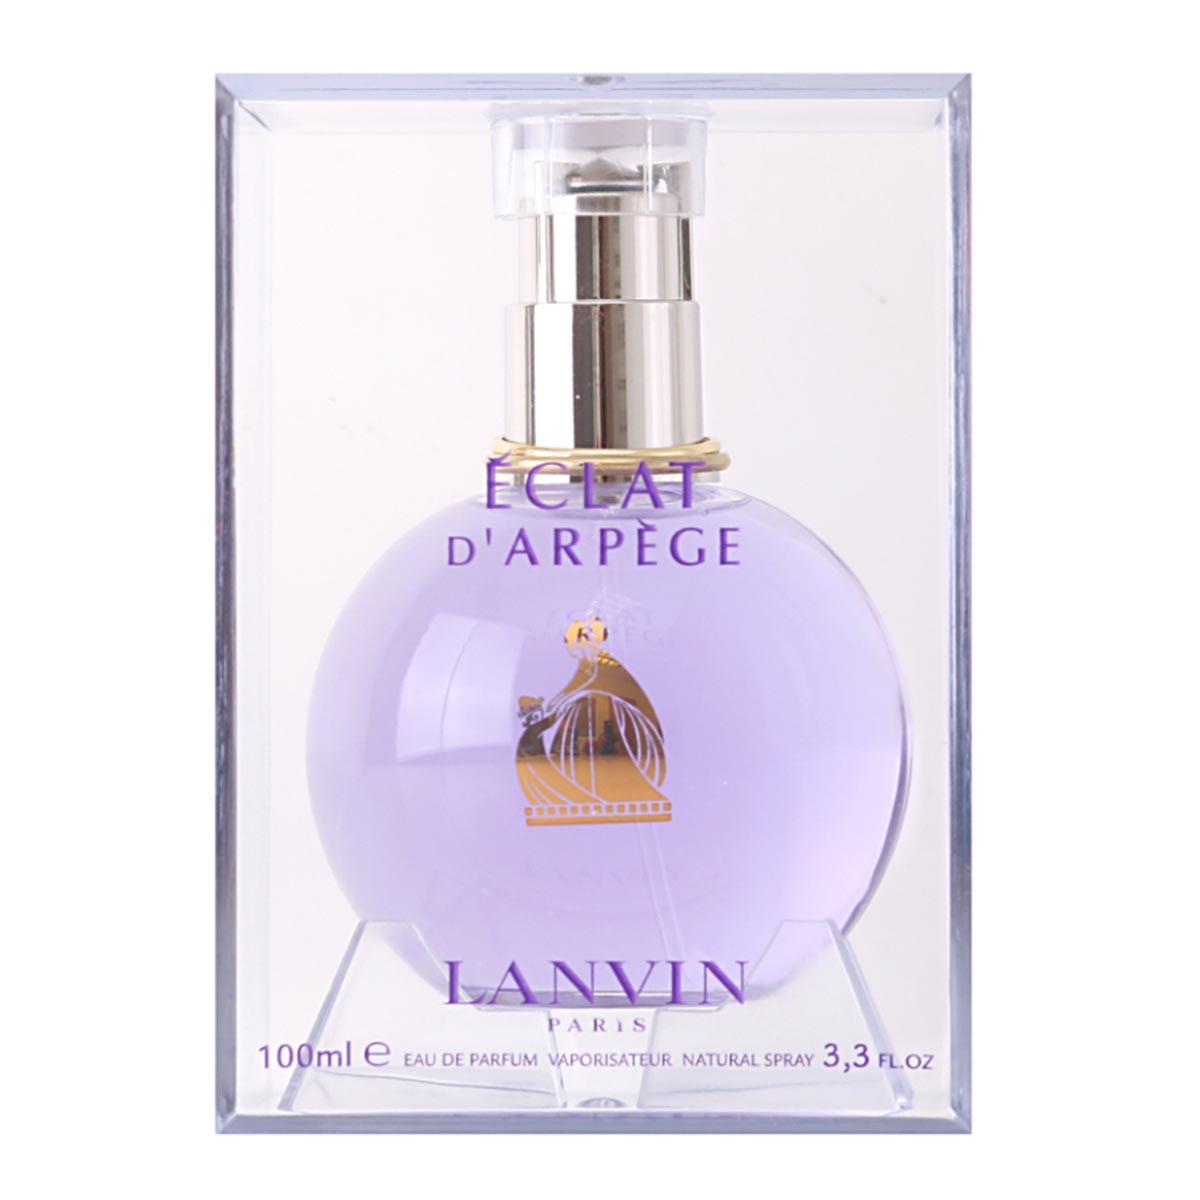 Lanvin eclat d arpege eau de parfum 50ml vaporizador